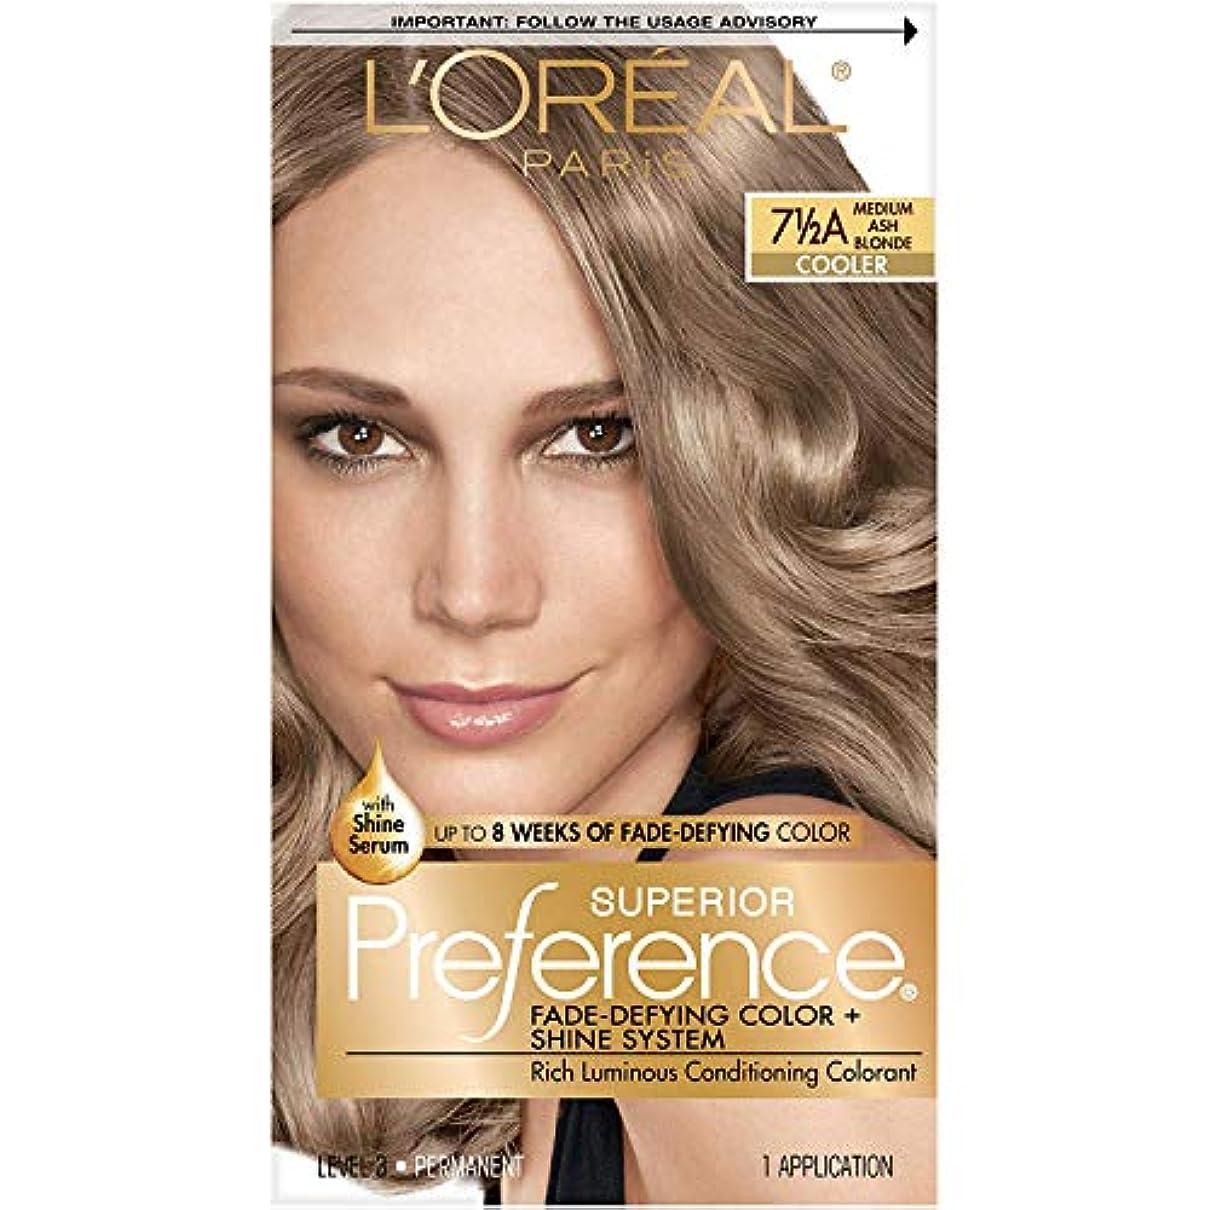 乱雑なひどい大惨事海外直送肘 LOreal Superior Preference Hair Color Medium Ash Blonde, Medium Ash Blonde 1 each